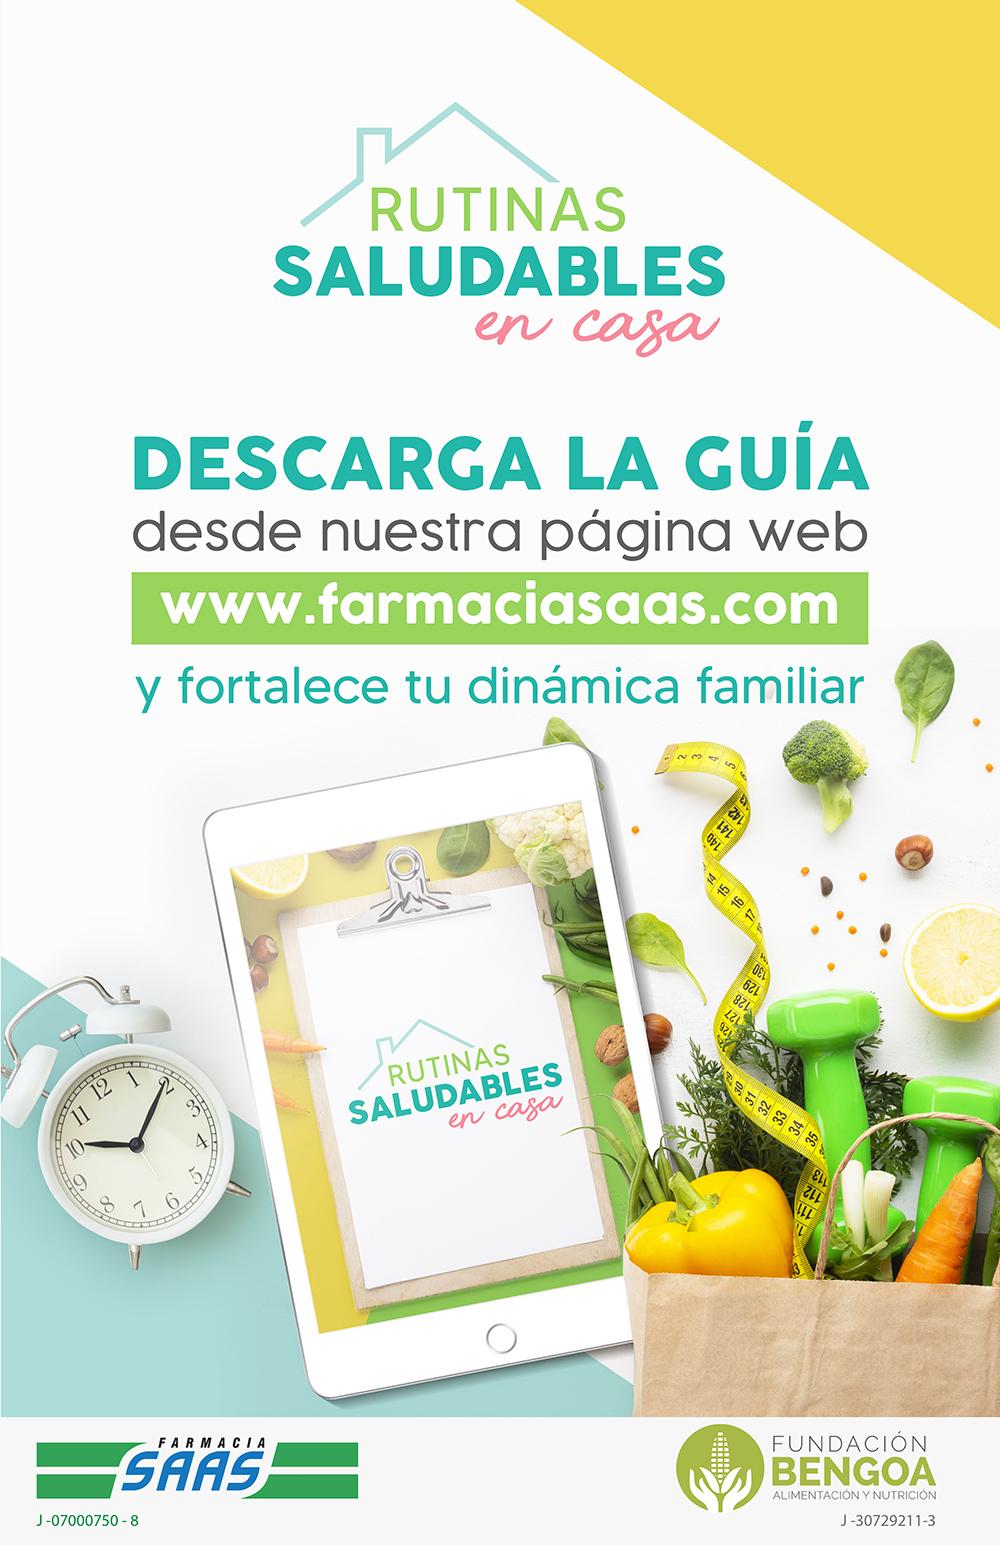 Rutinas Saludables - Farmacias SAAS